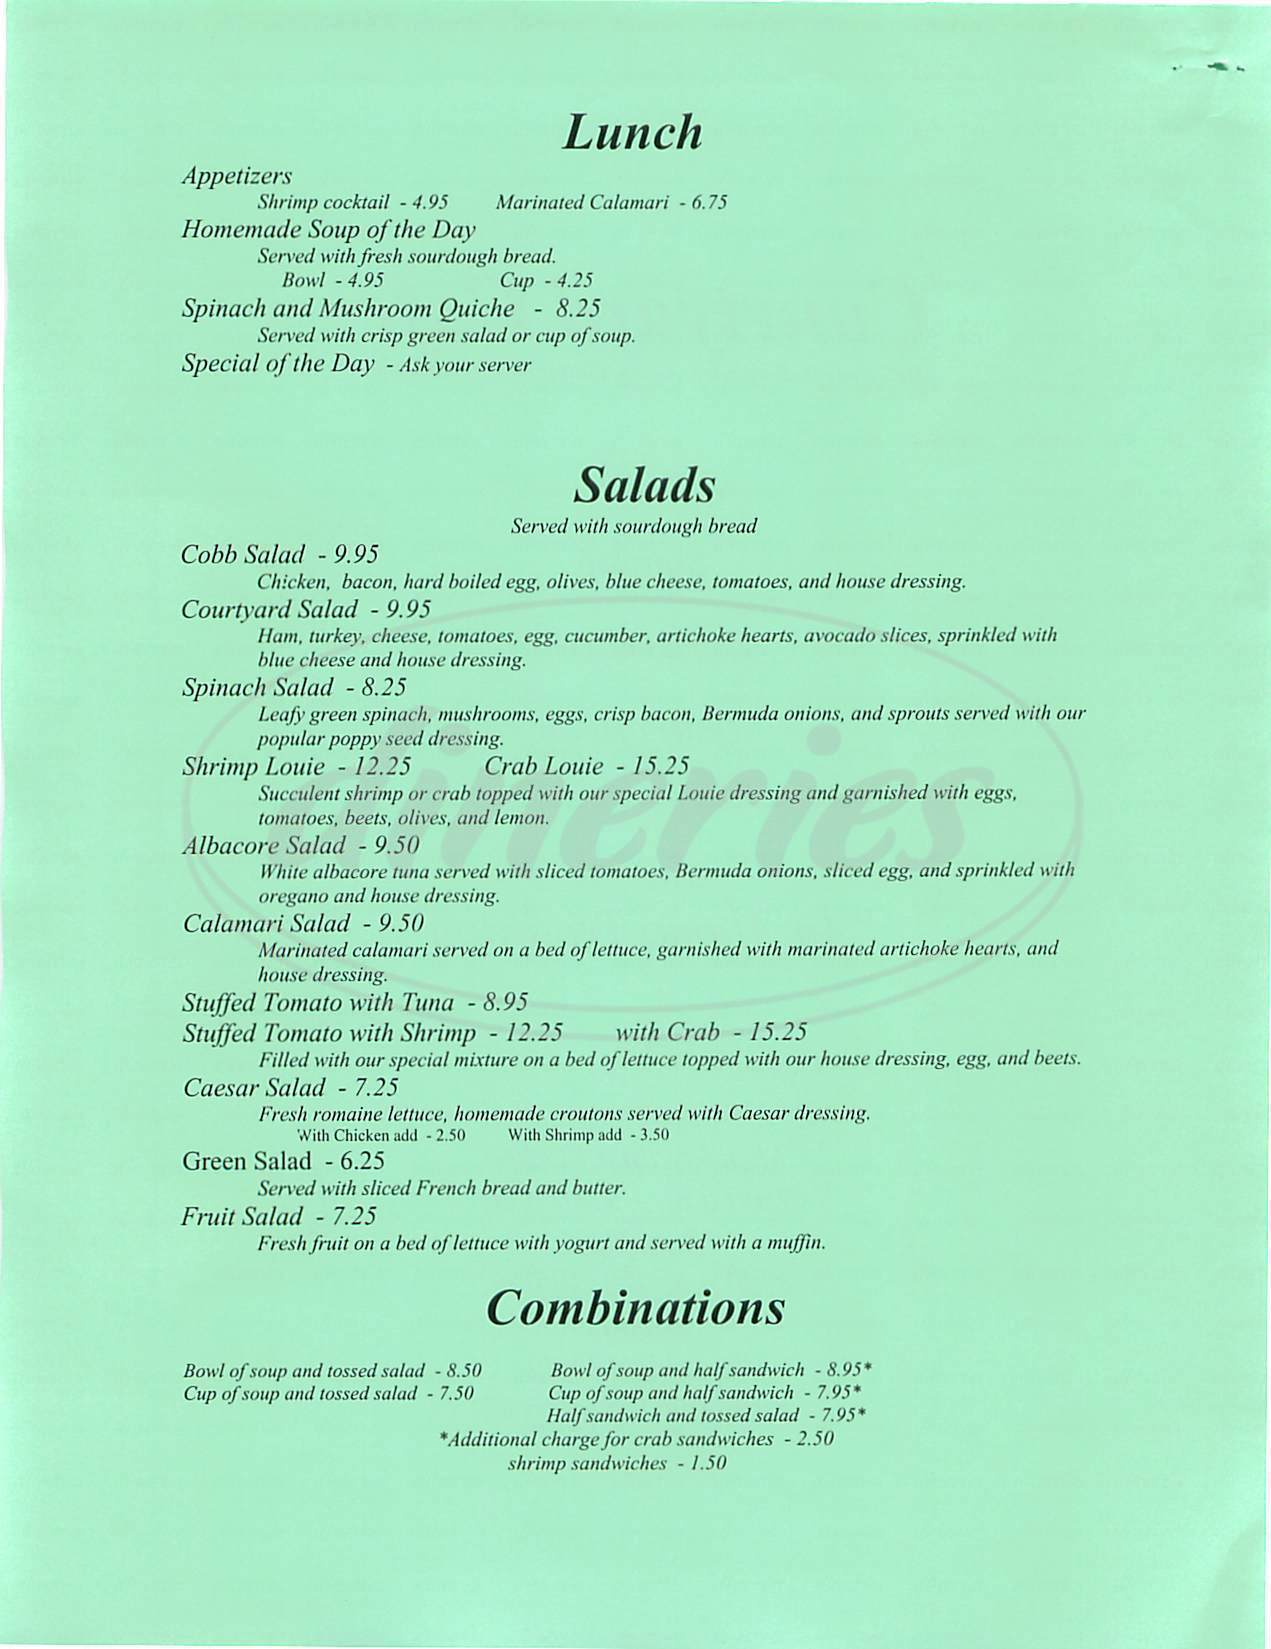 menu for Courtyard Café